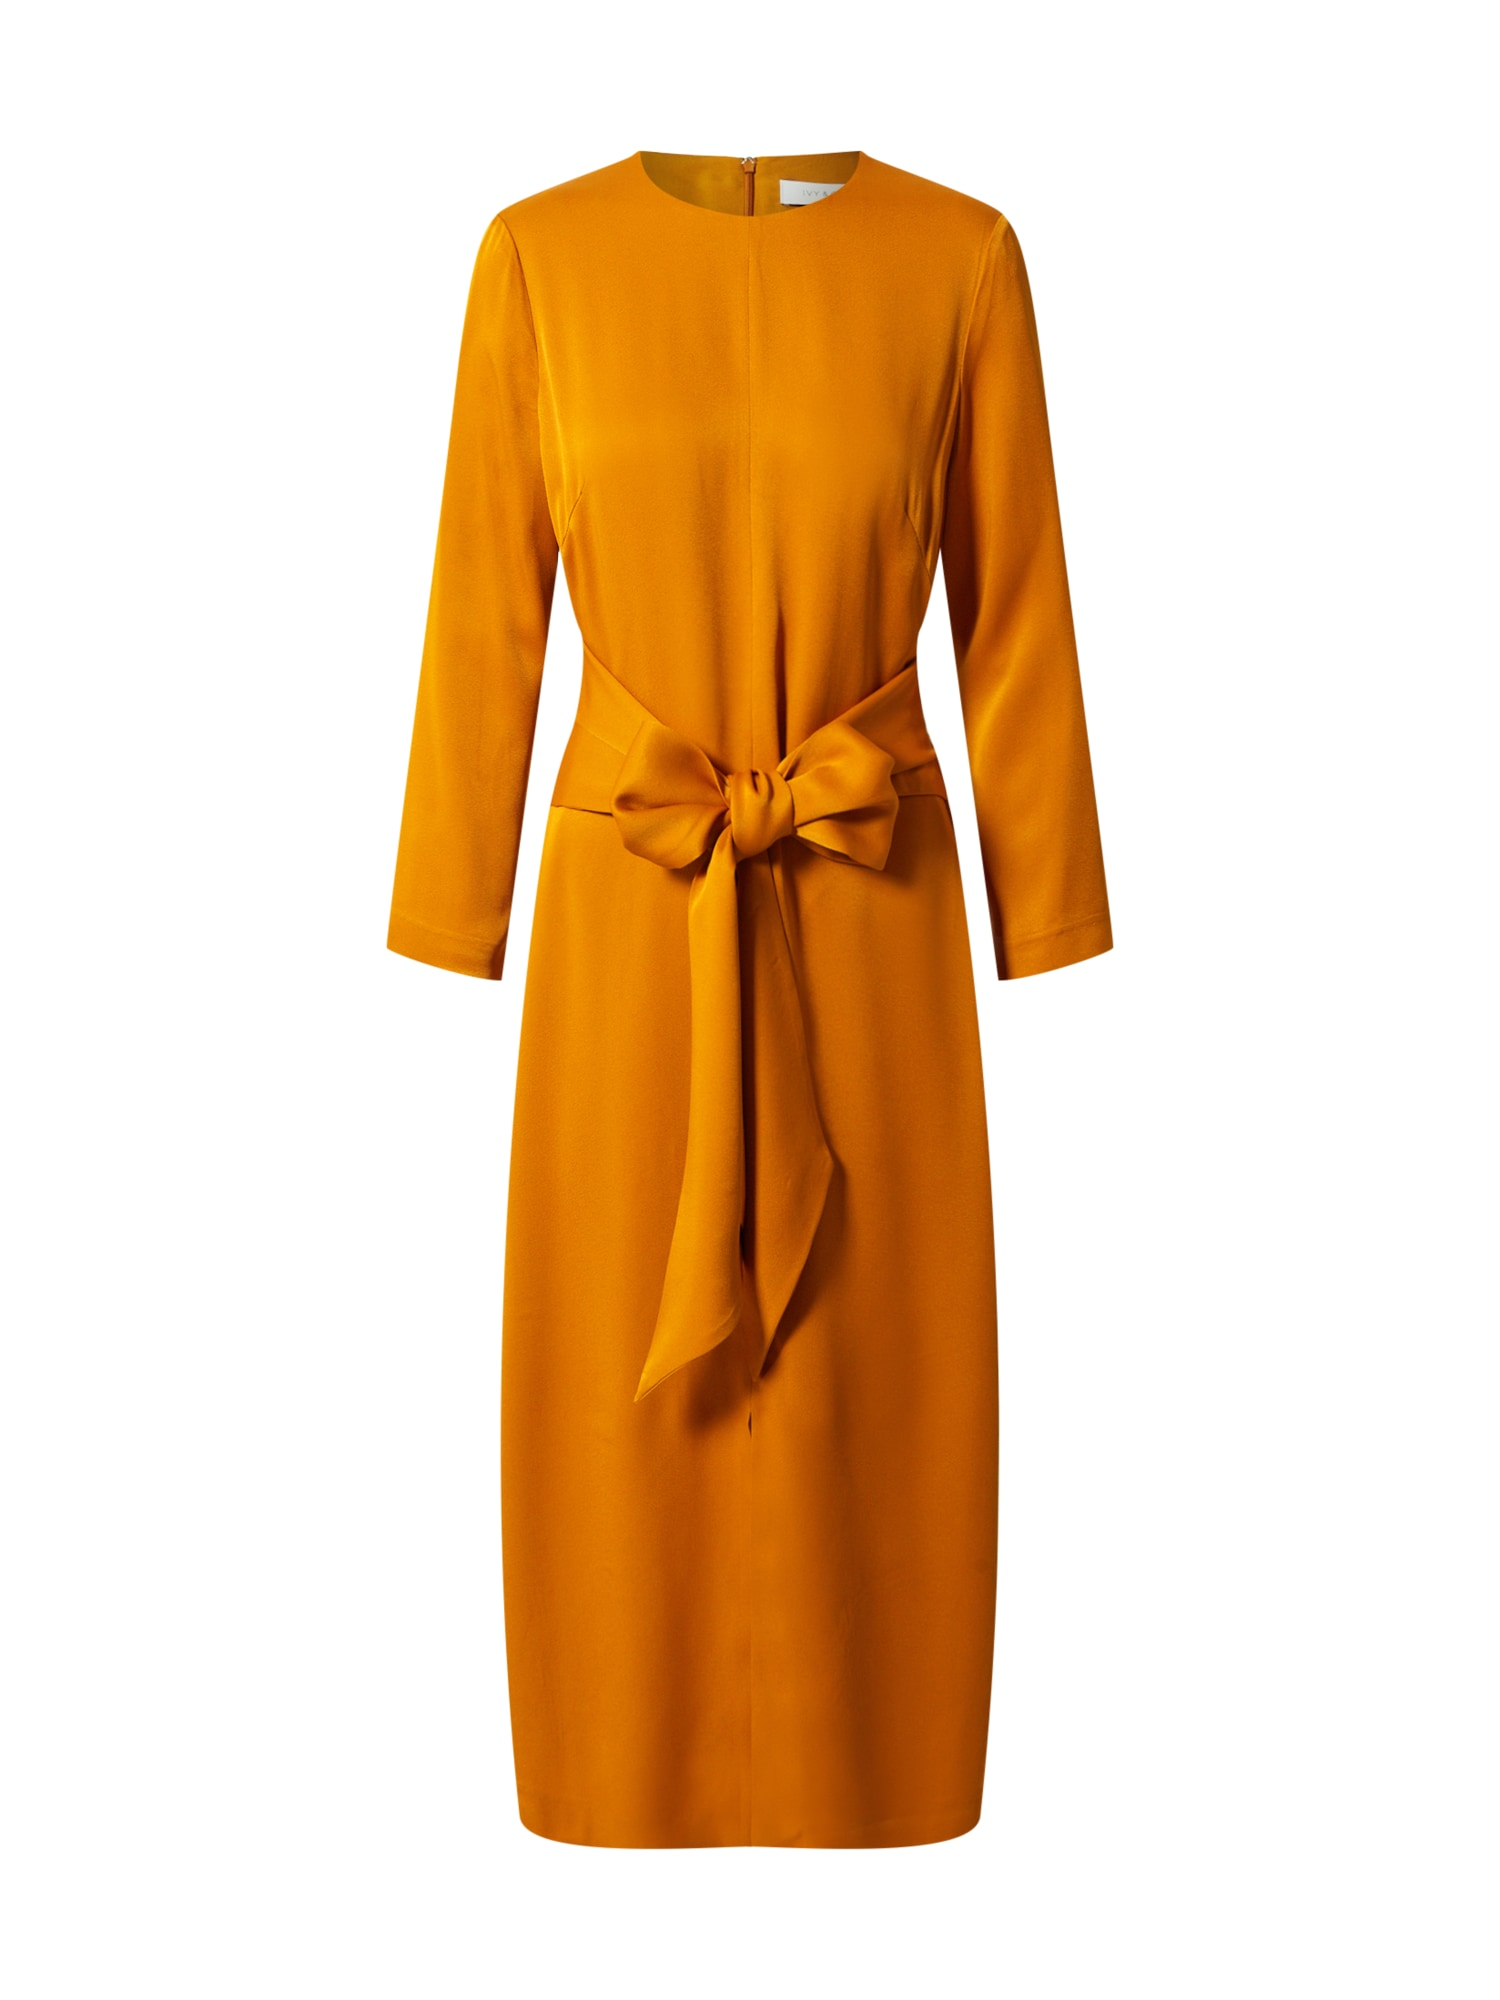 IVY & OAK Suknelė oranžinė